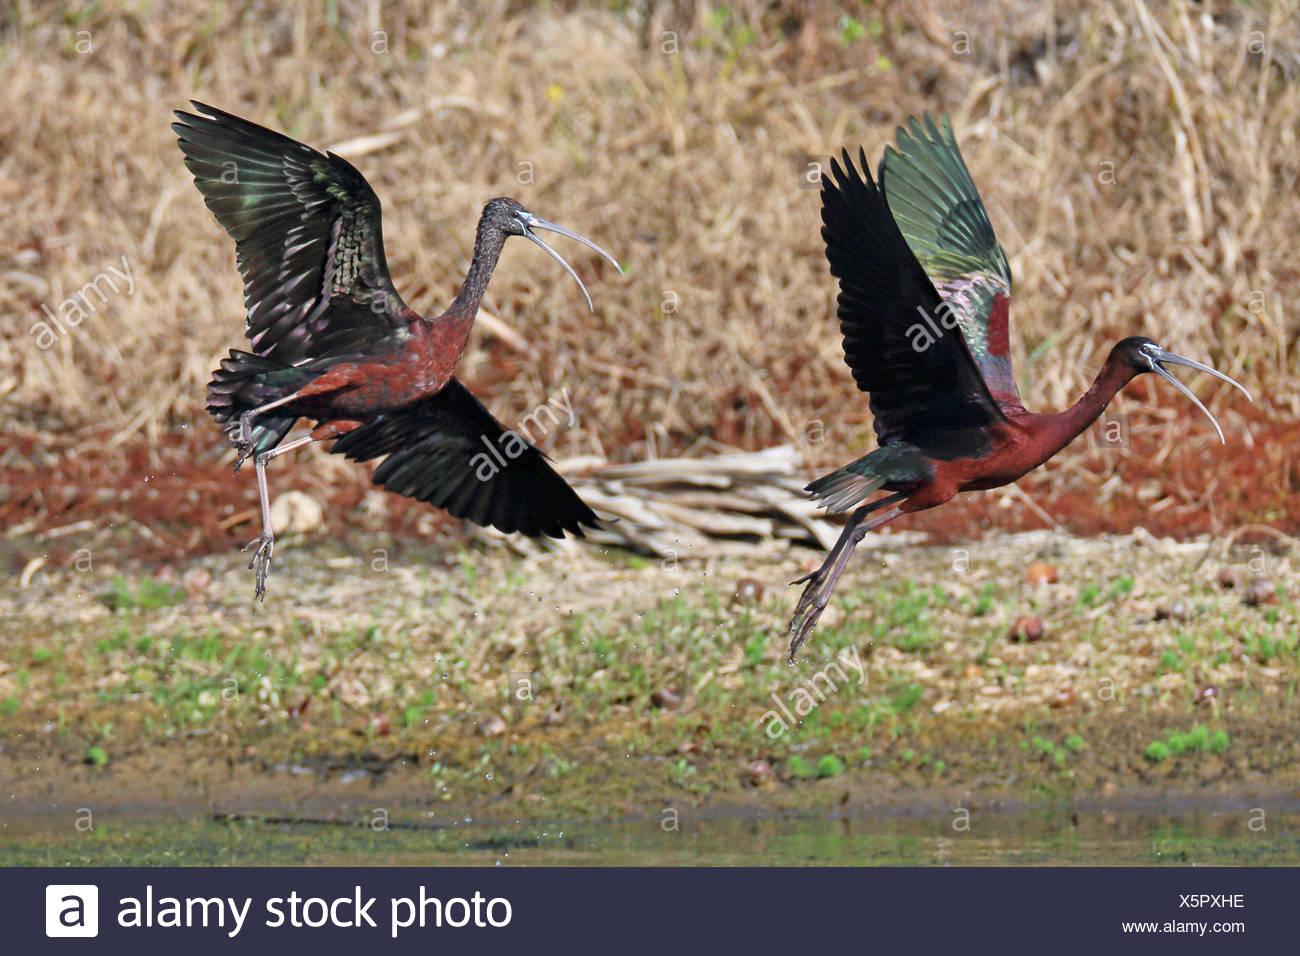 glossy ibis (Plegadis falcinellus), two Glossy ibises taking off, USA, Florida - Stock Image